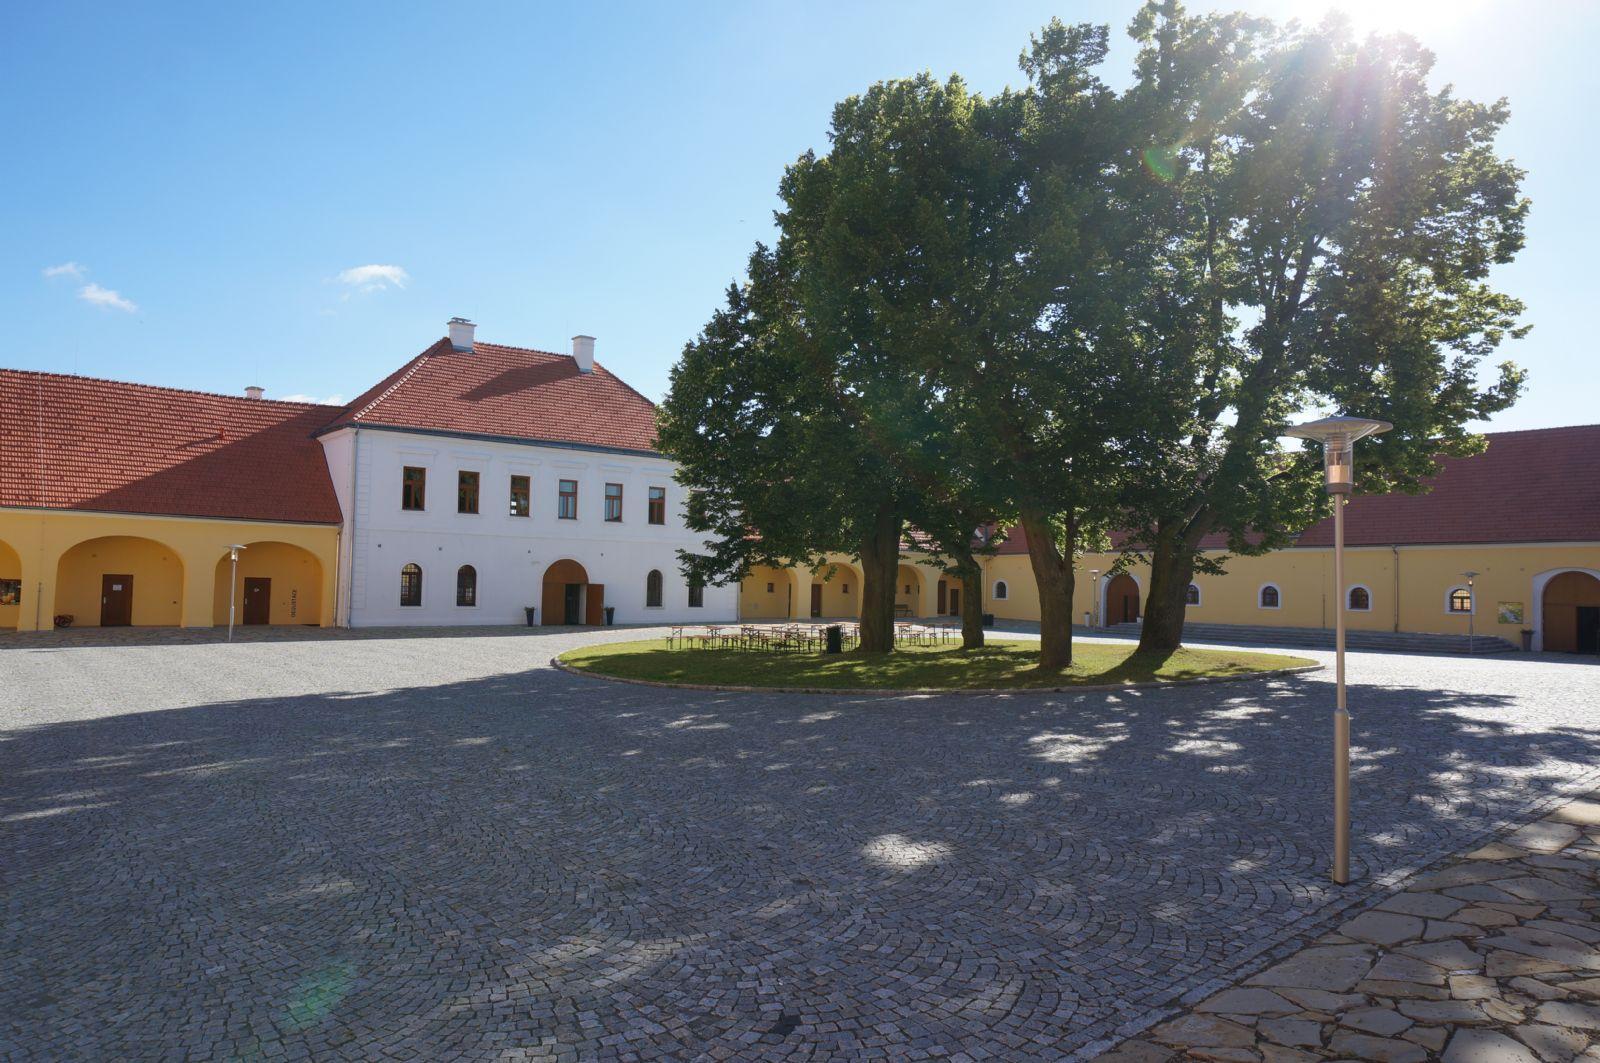 Místo naší budoucí svatby -Centrum Eden - Bystřice nad Pernštejnem - Obrázek č. 10